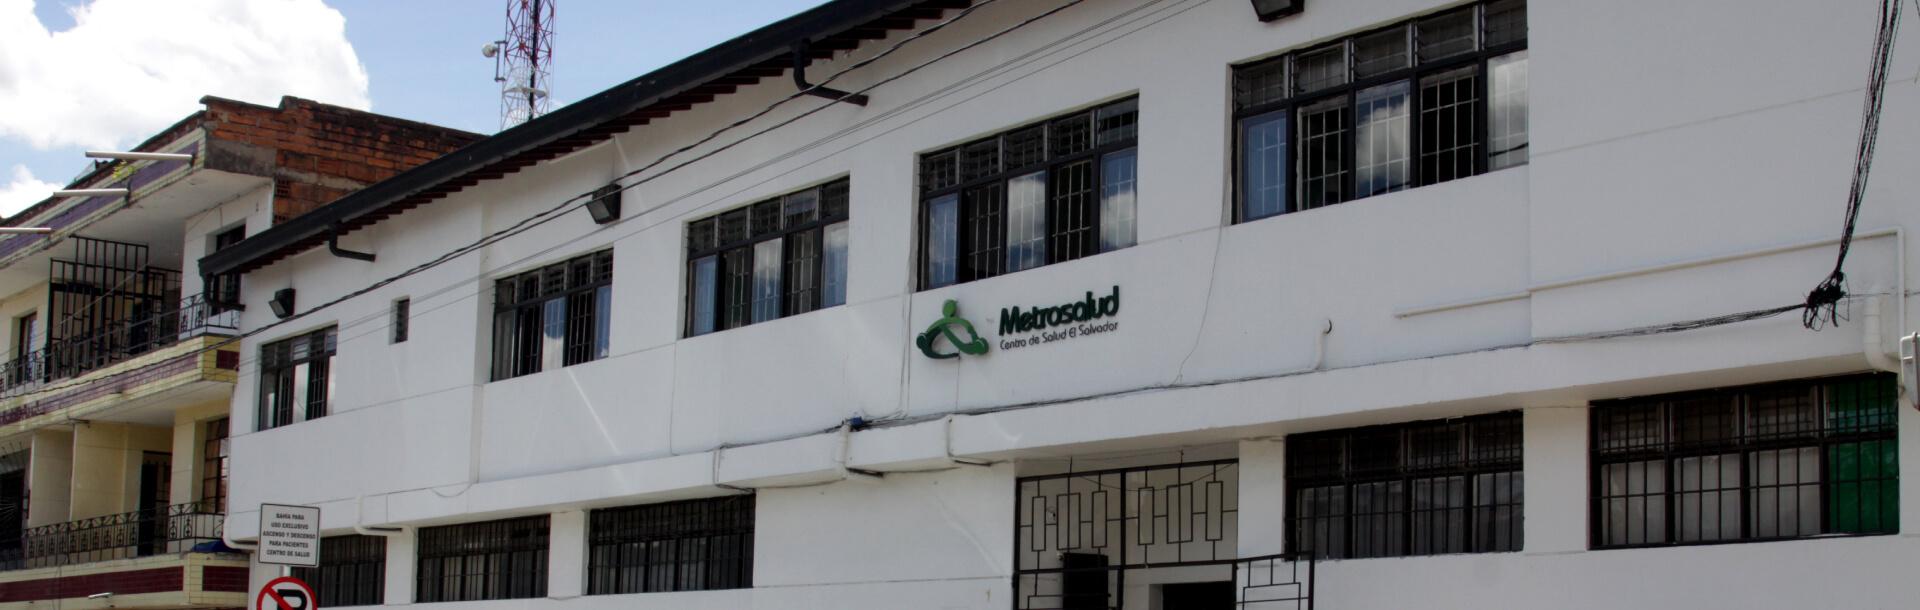 Centro de salud el salvador - Centro de salud barrio del pilar ...